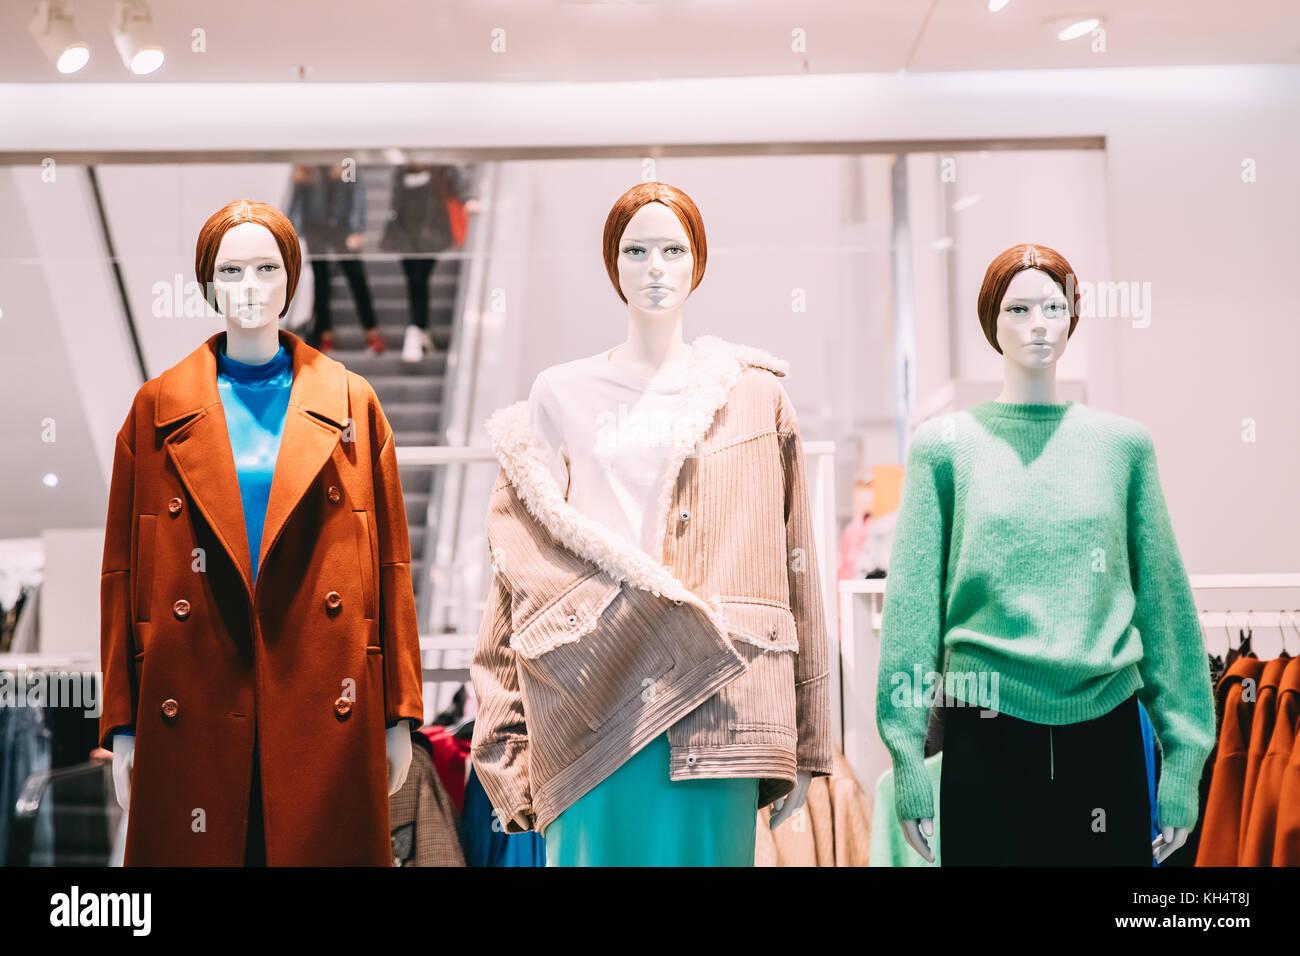 56a36fbfc3 Maniquíes vestidos de mujer mujer ropa casual en la tienda del centro  comercial.